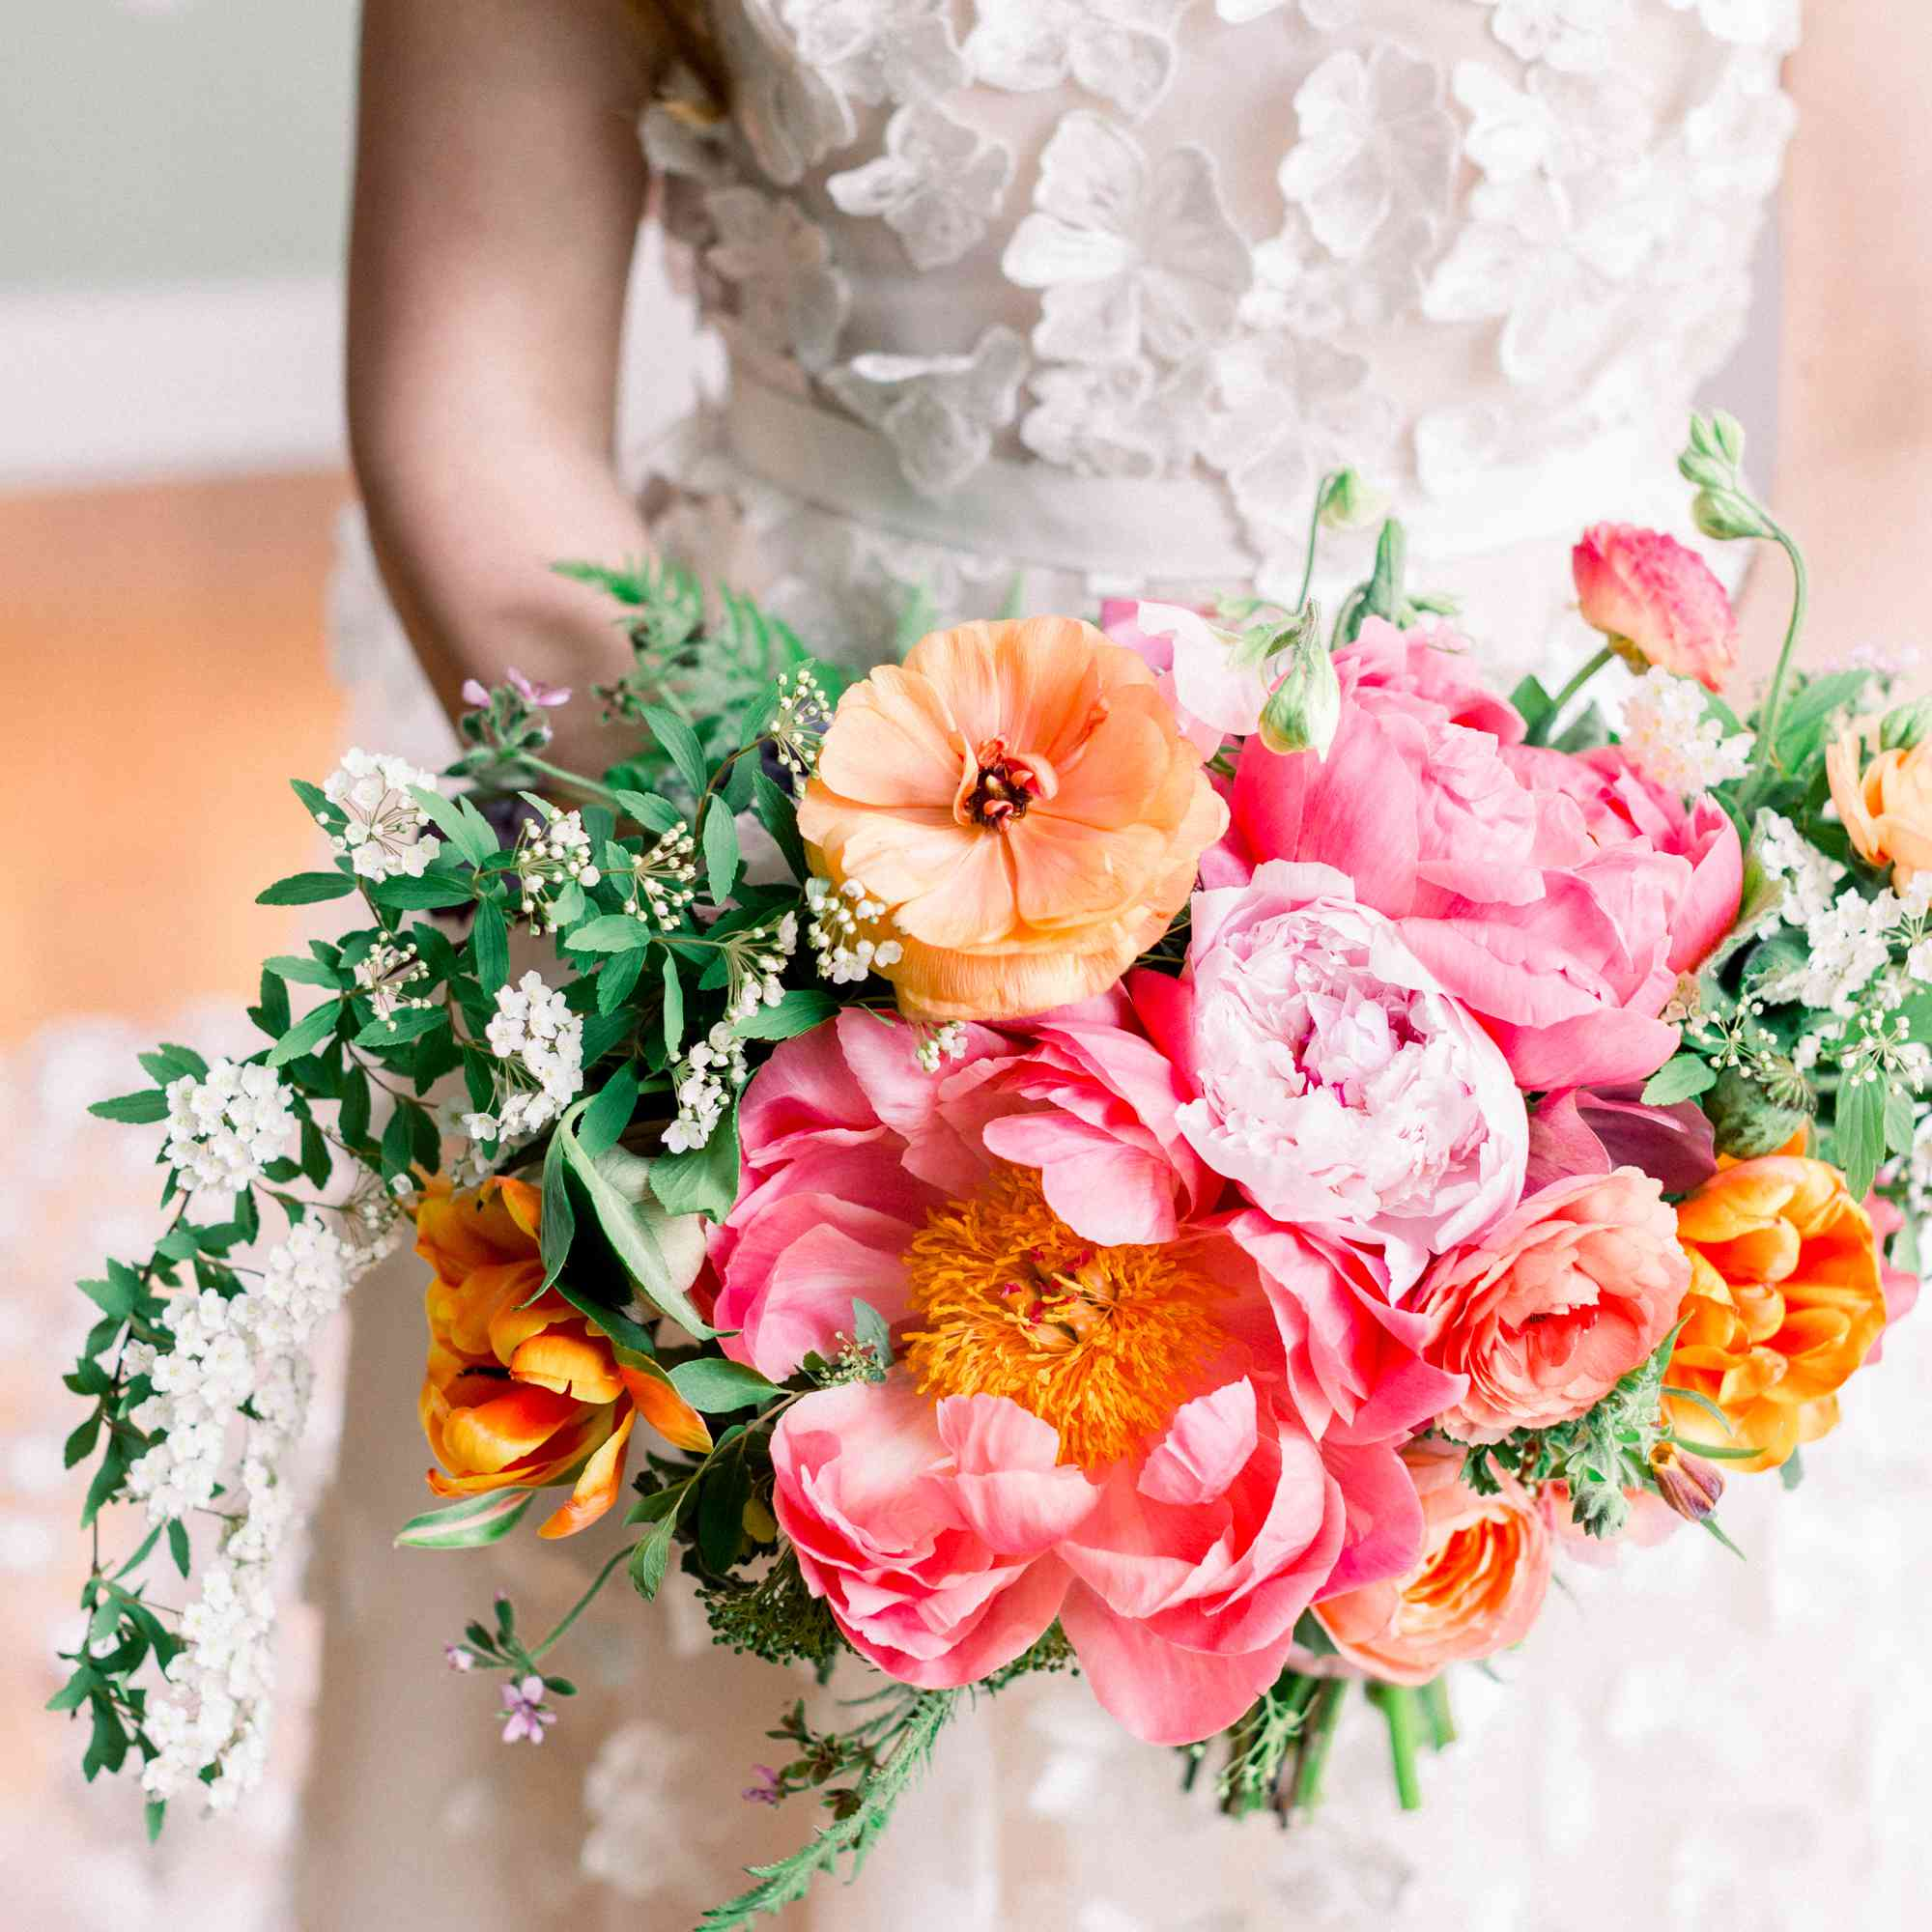 <p>colorful wedding bouquet</p><br><br>